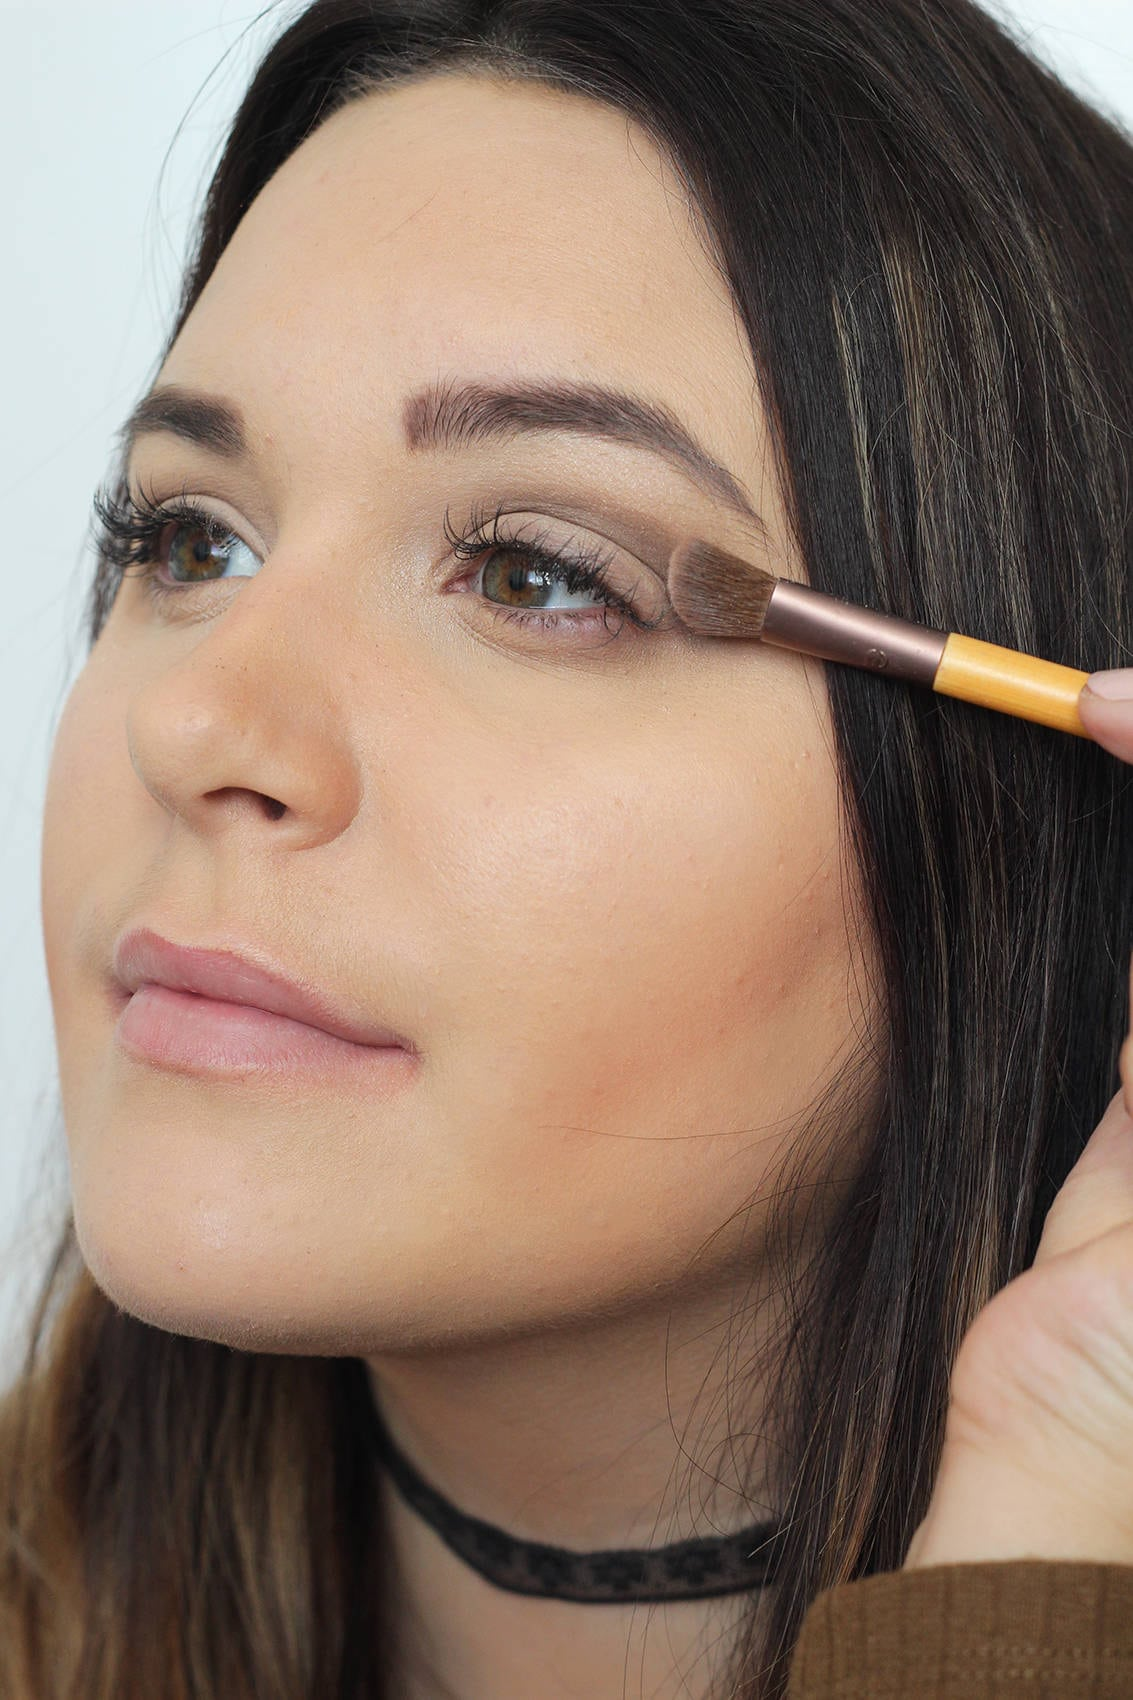 Mash Elle Fall inspired makeup look smokey eye | smokey eye | makeup tutorial | mash elle beauty blogger